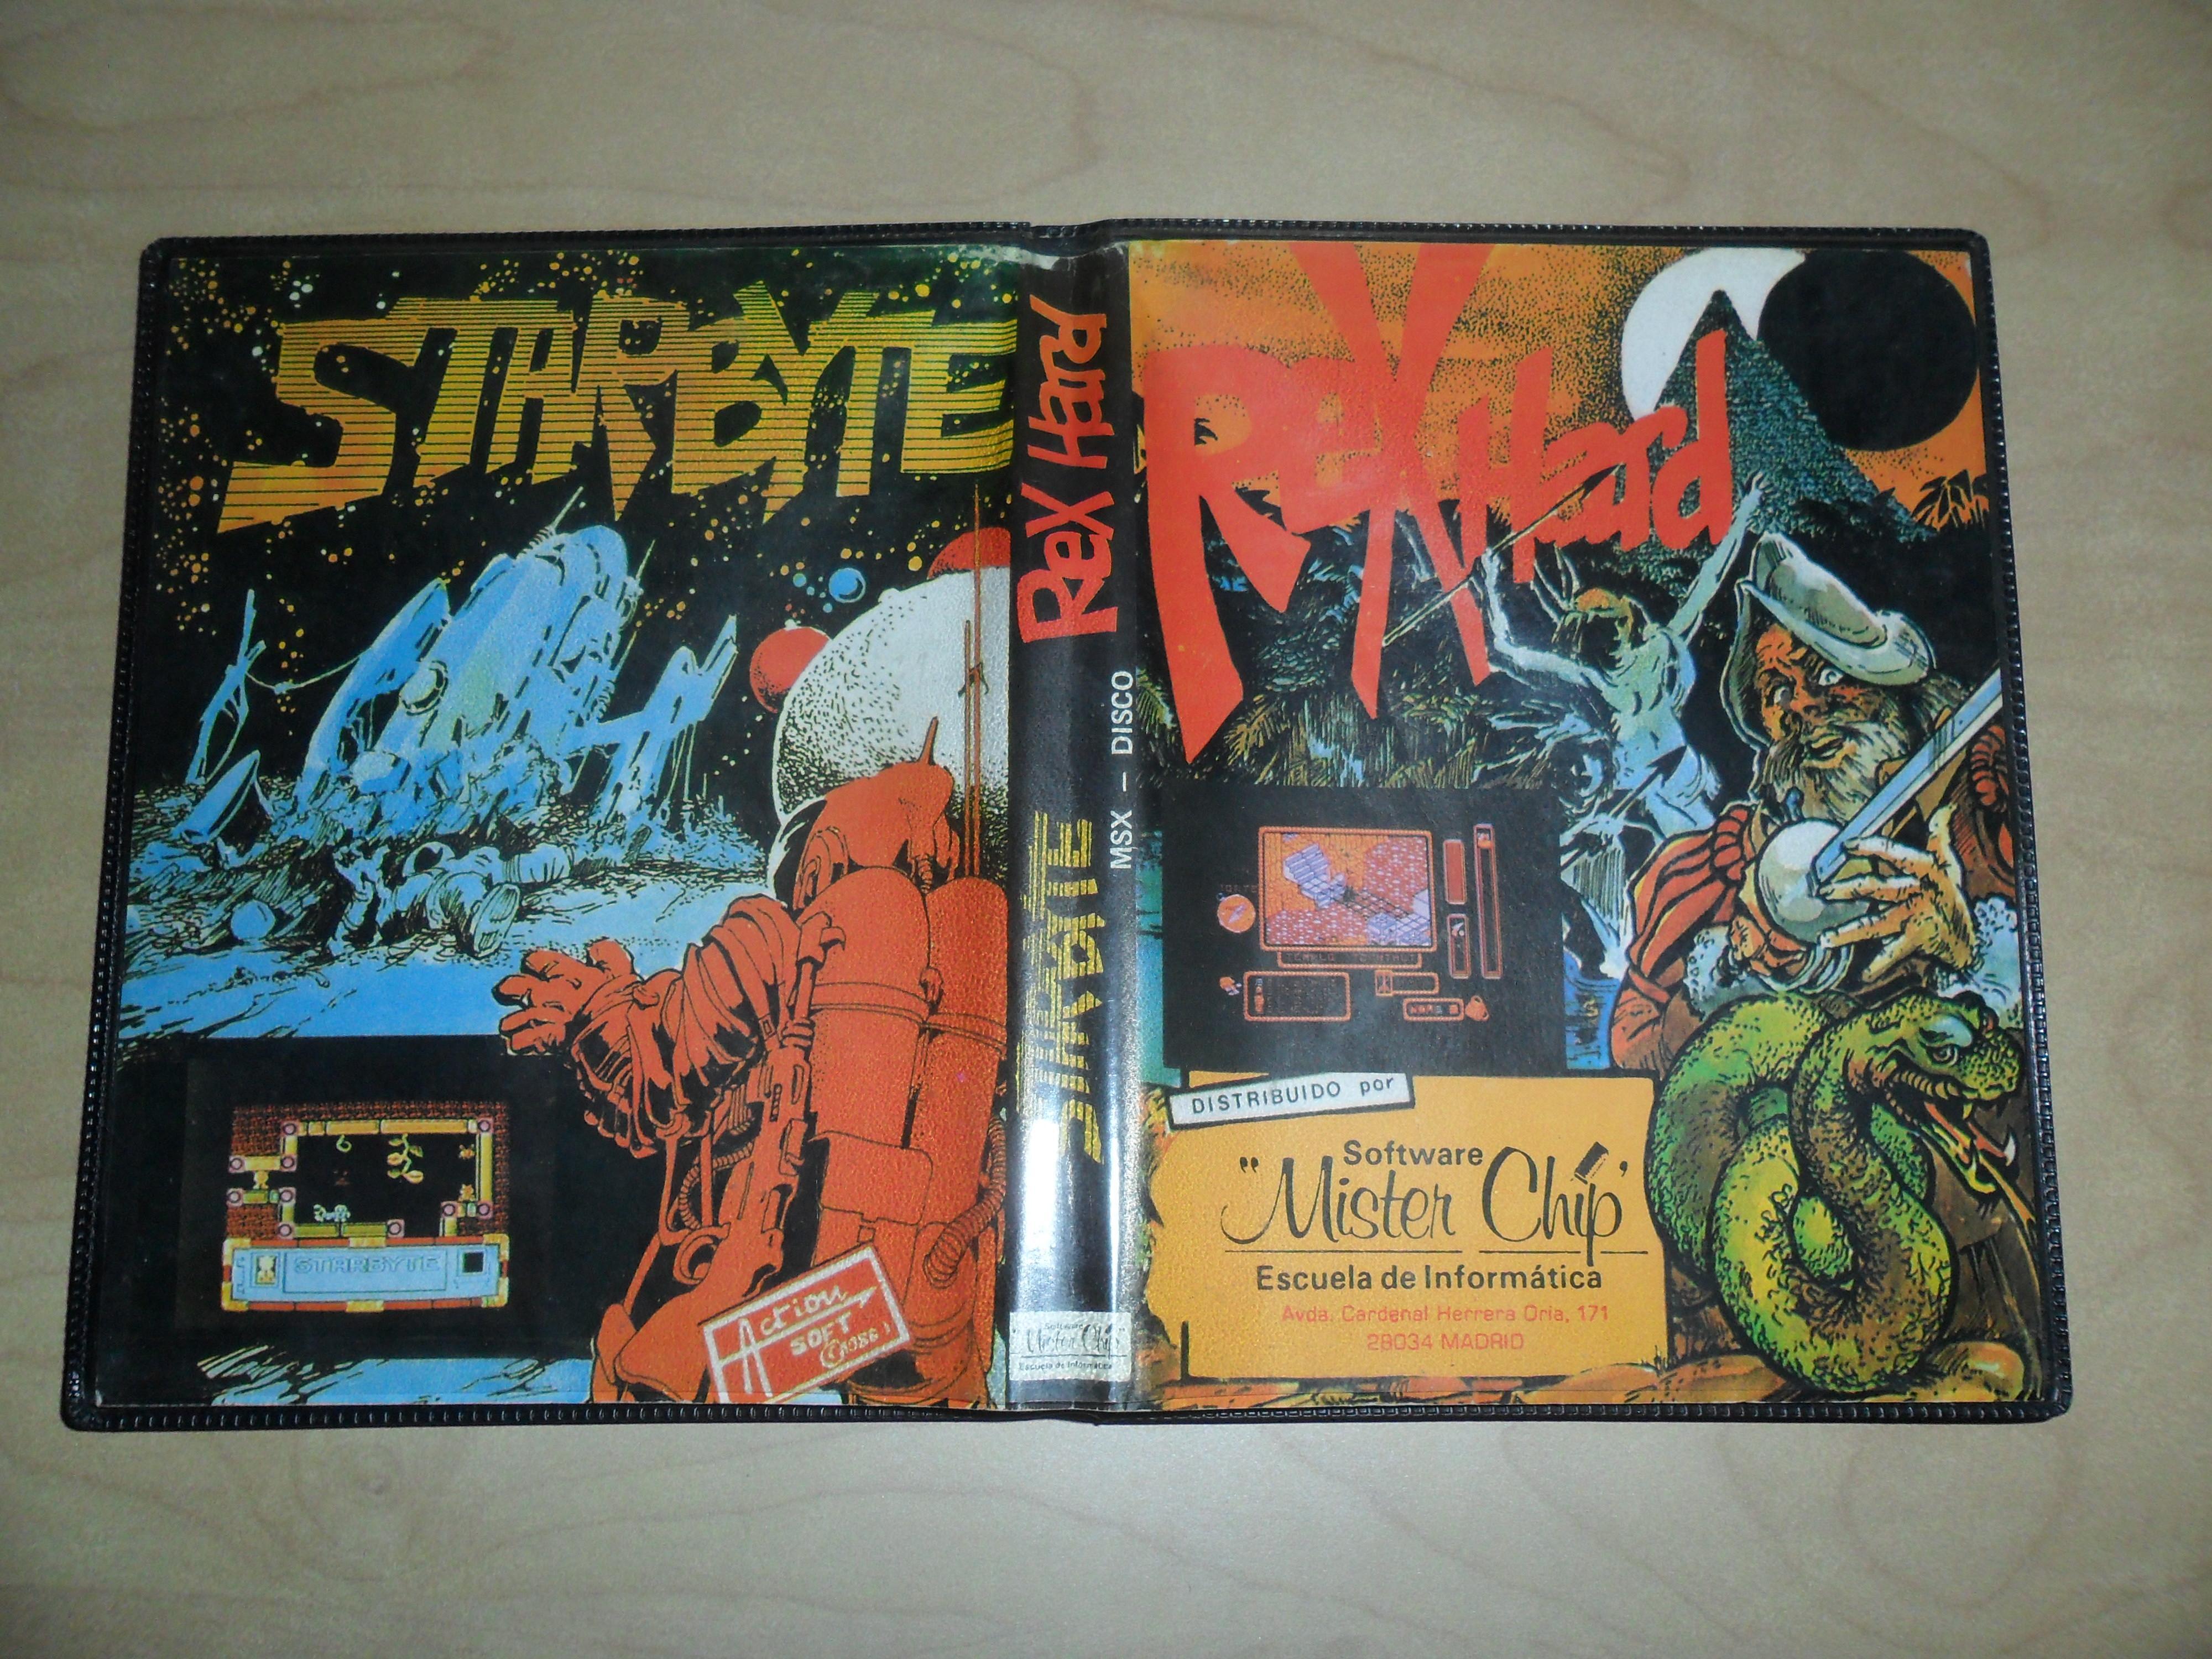 Starbyte / Rex Hard (MSX, Mister Chip)   Releases